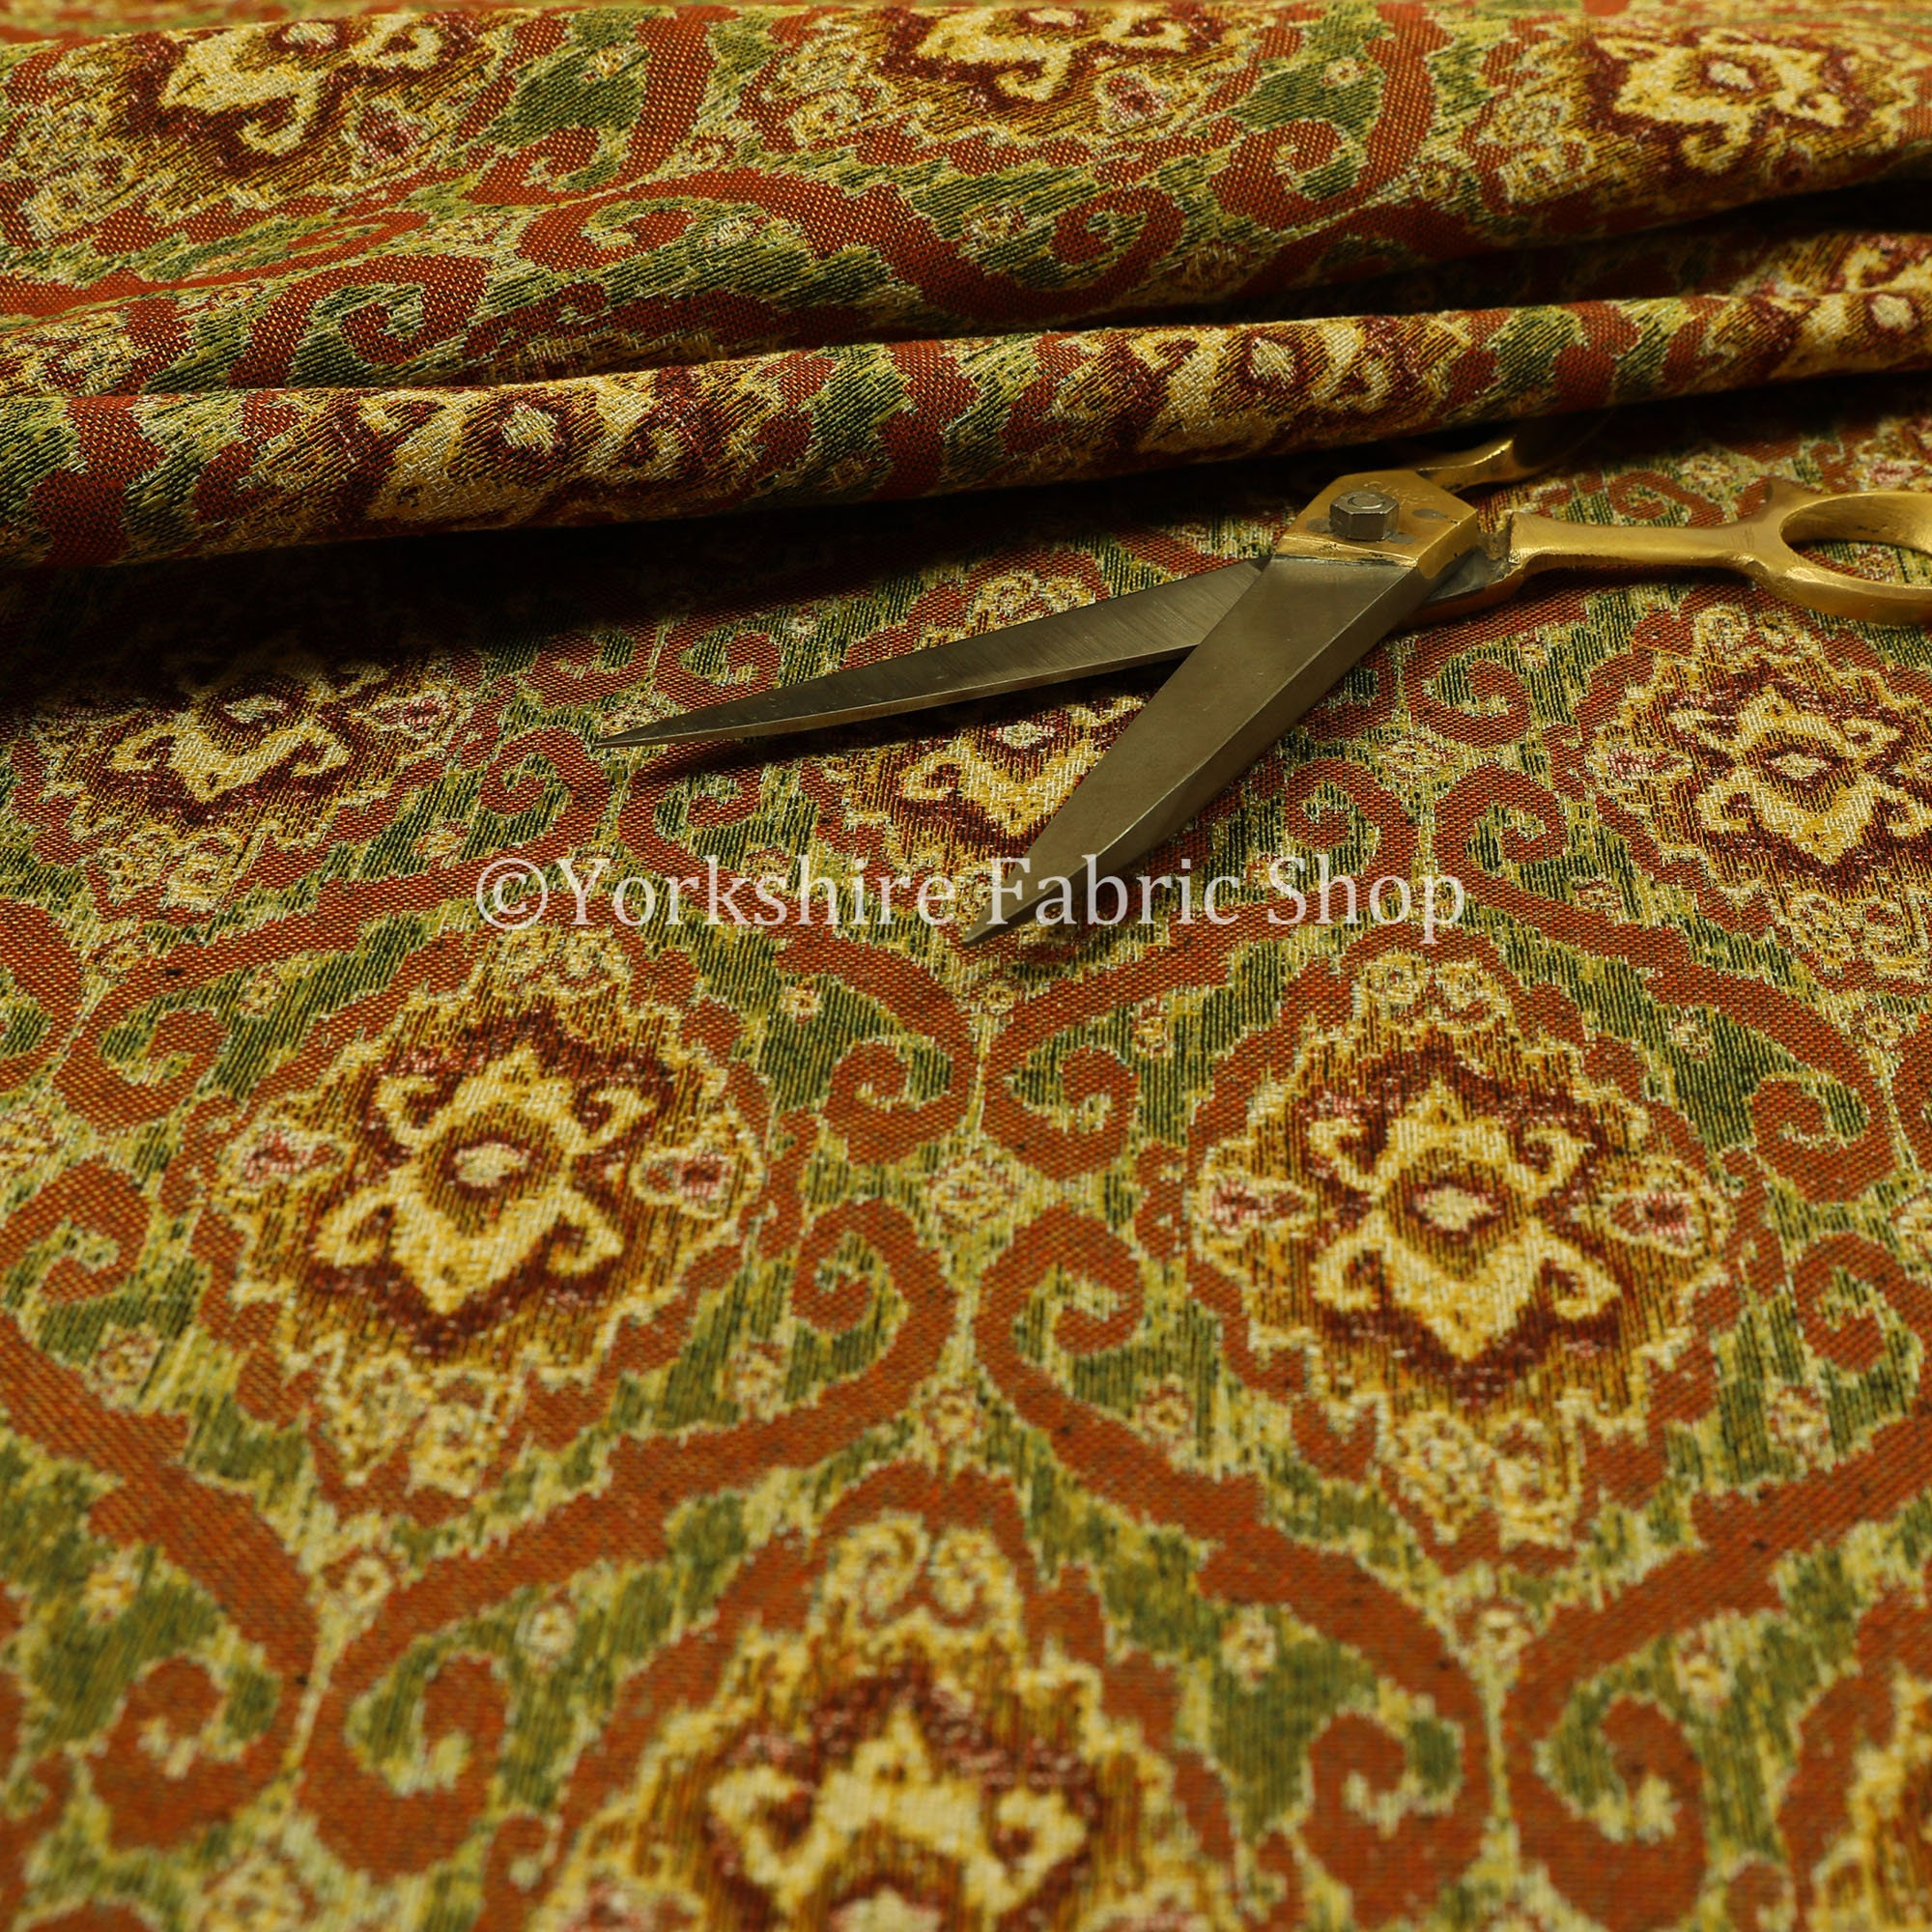 Nouveau vert Orange Orange Orange entier damassé Chenille tissus d'ameublement Jacquard - vendu par le tissu de longueur de 10 mètres 513707